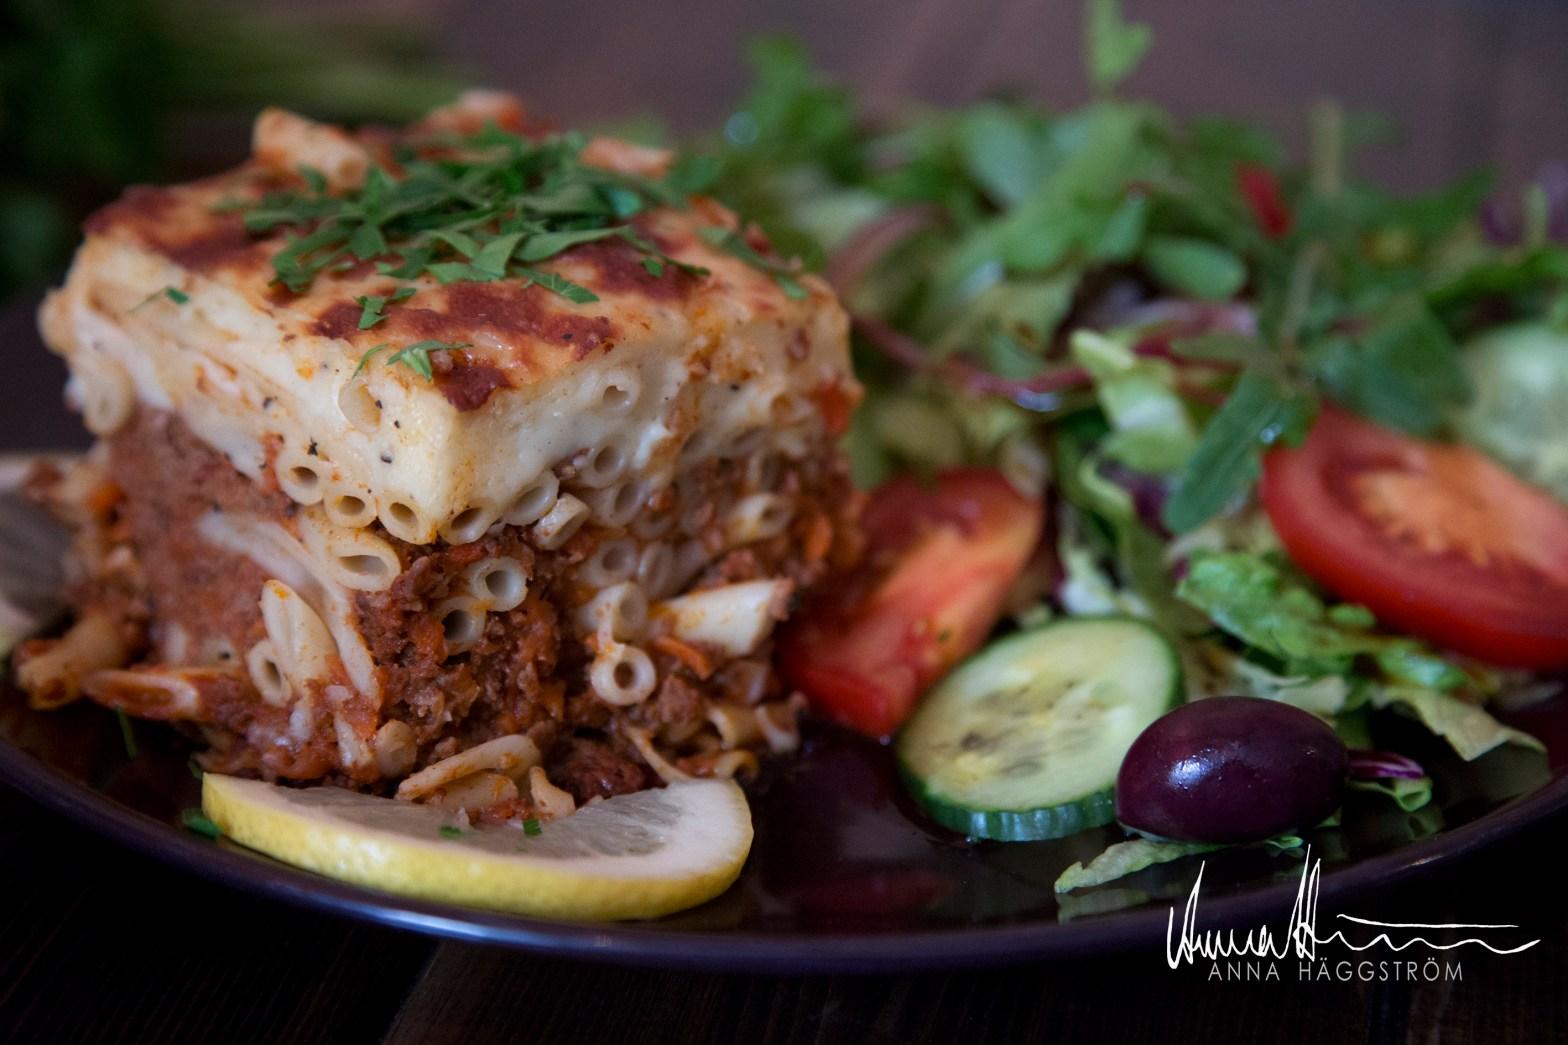 Pastitsio - grekisk lasagne med nötfärs och bechamelsås på grekiska lunch restaurangen Farbror Nikos på Södermalm